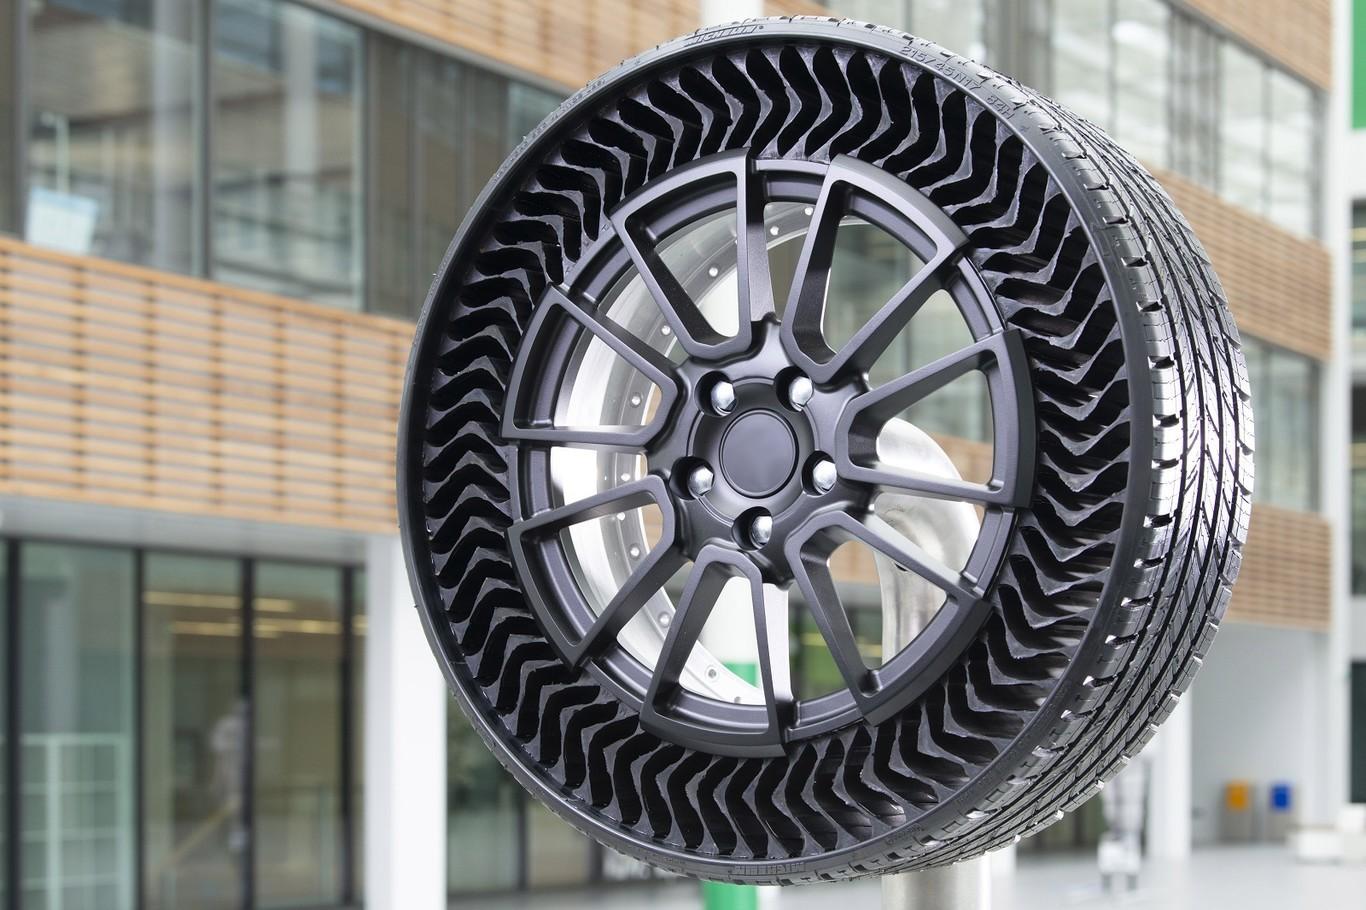 La reinvención de la rueda llega con el neumático sin aire